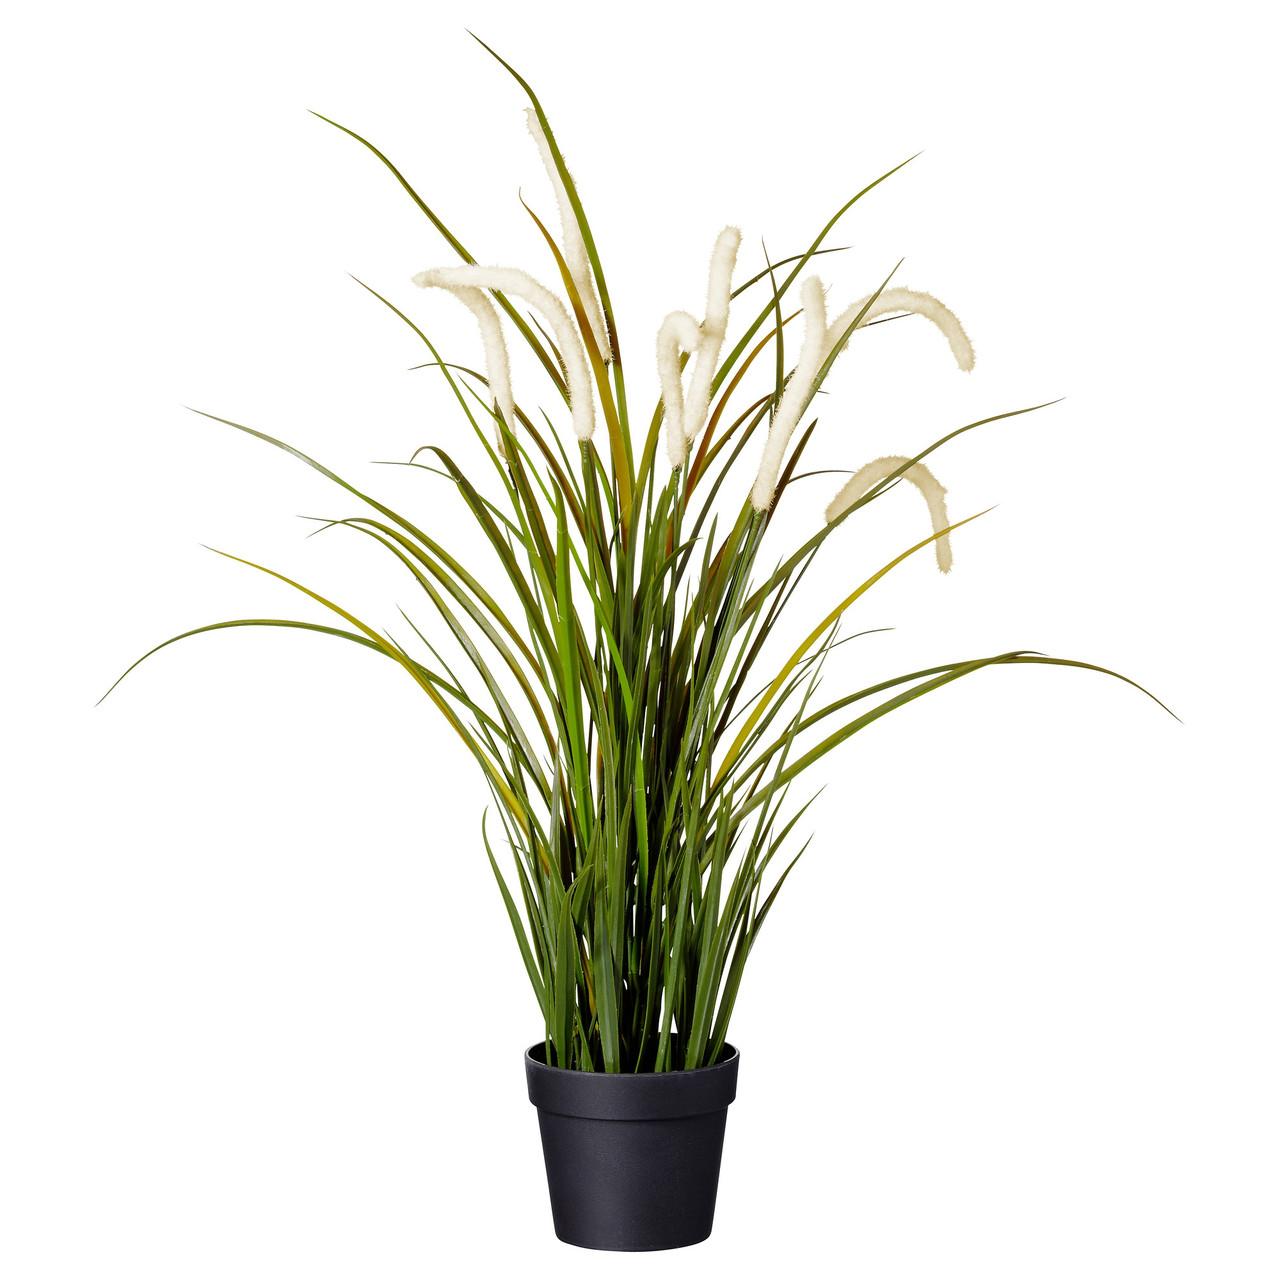 Искусственное растение в горшке IKEA FEJKA трава 501.769.78